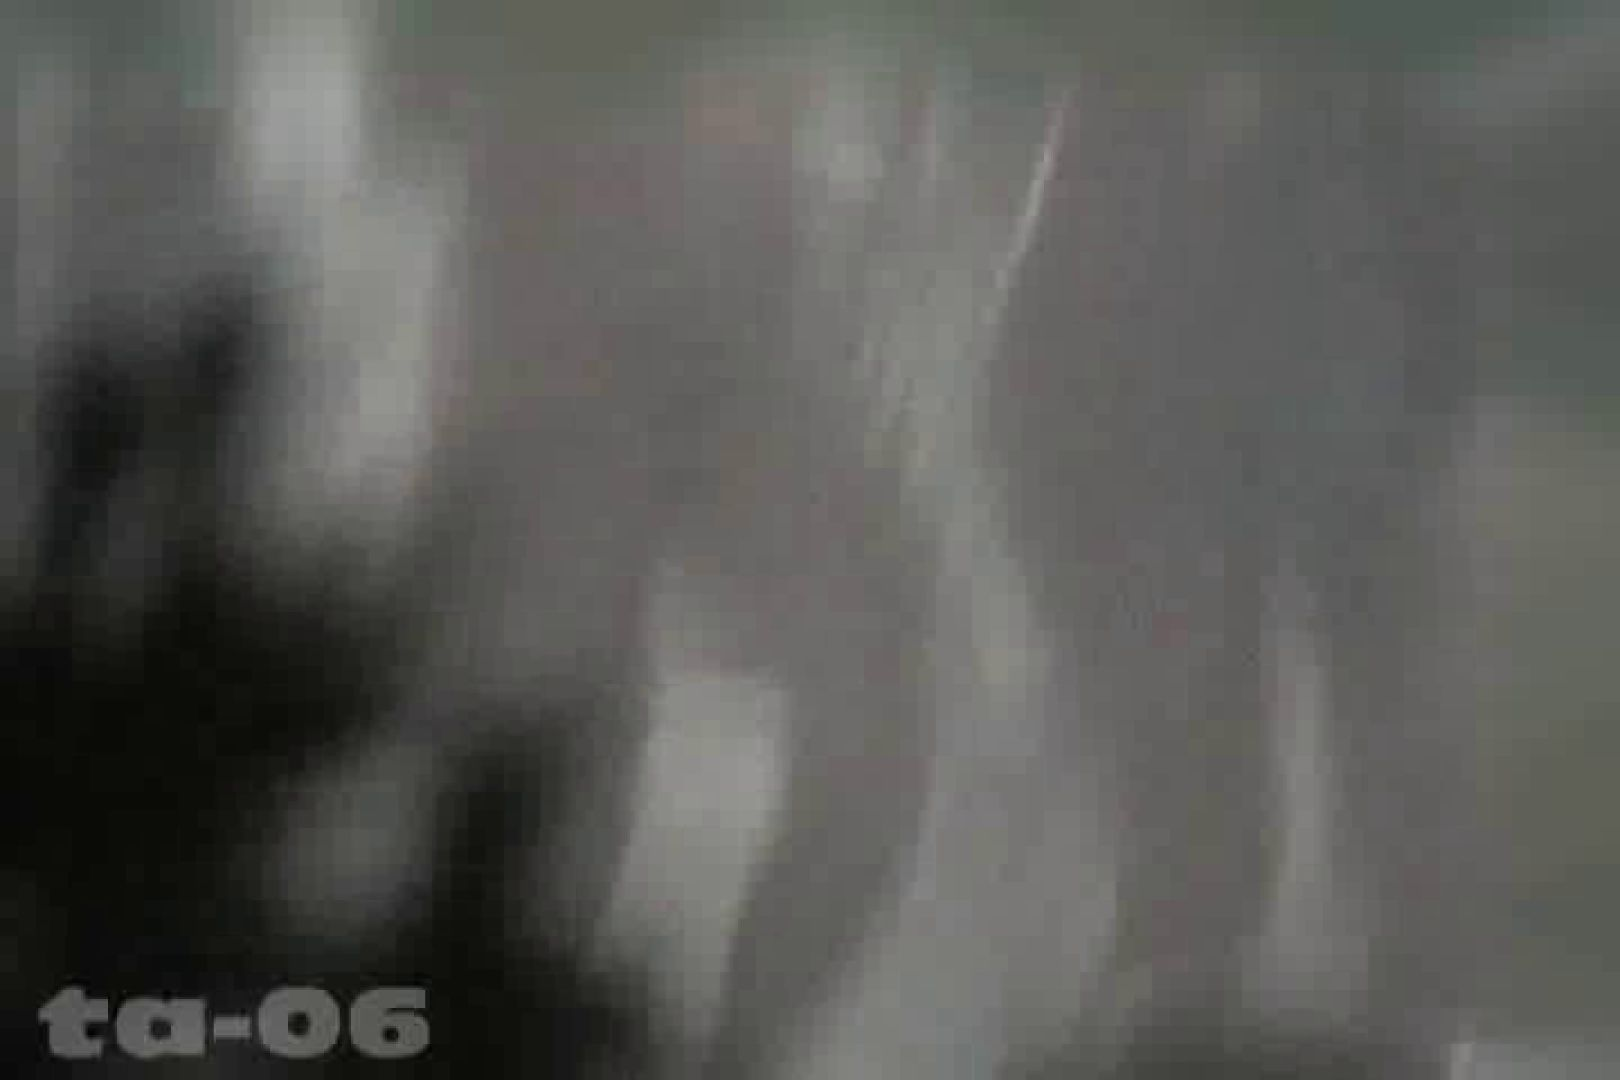 合宿ホテル女風呂盗撮高画質版 Vol.06 合宿 盗撮 108PIX 4